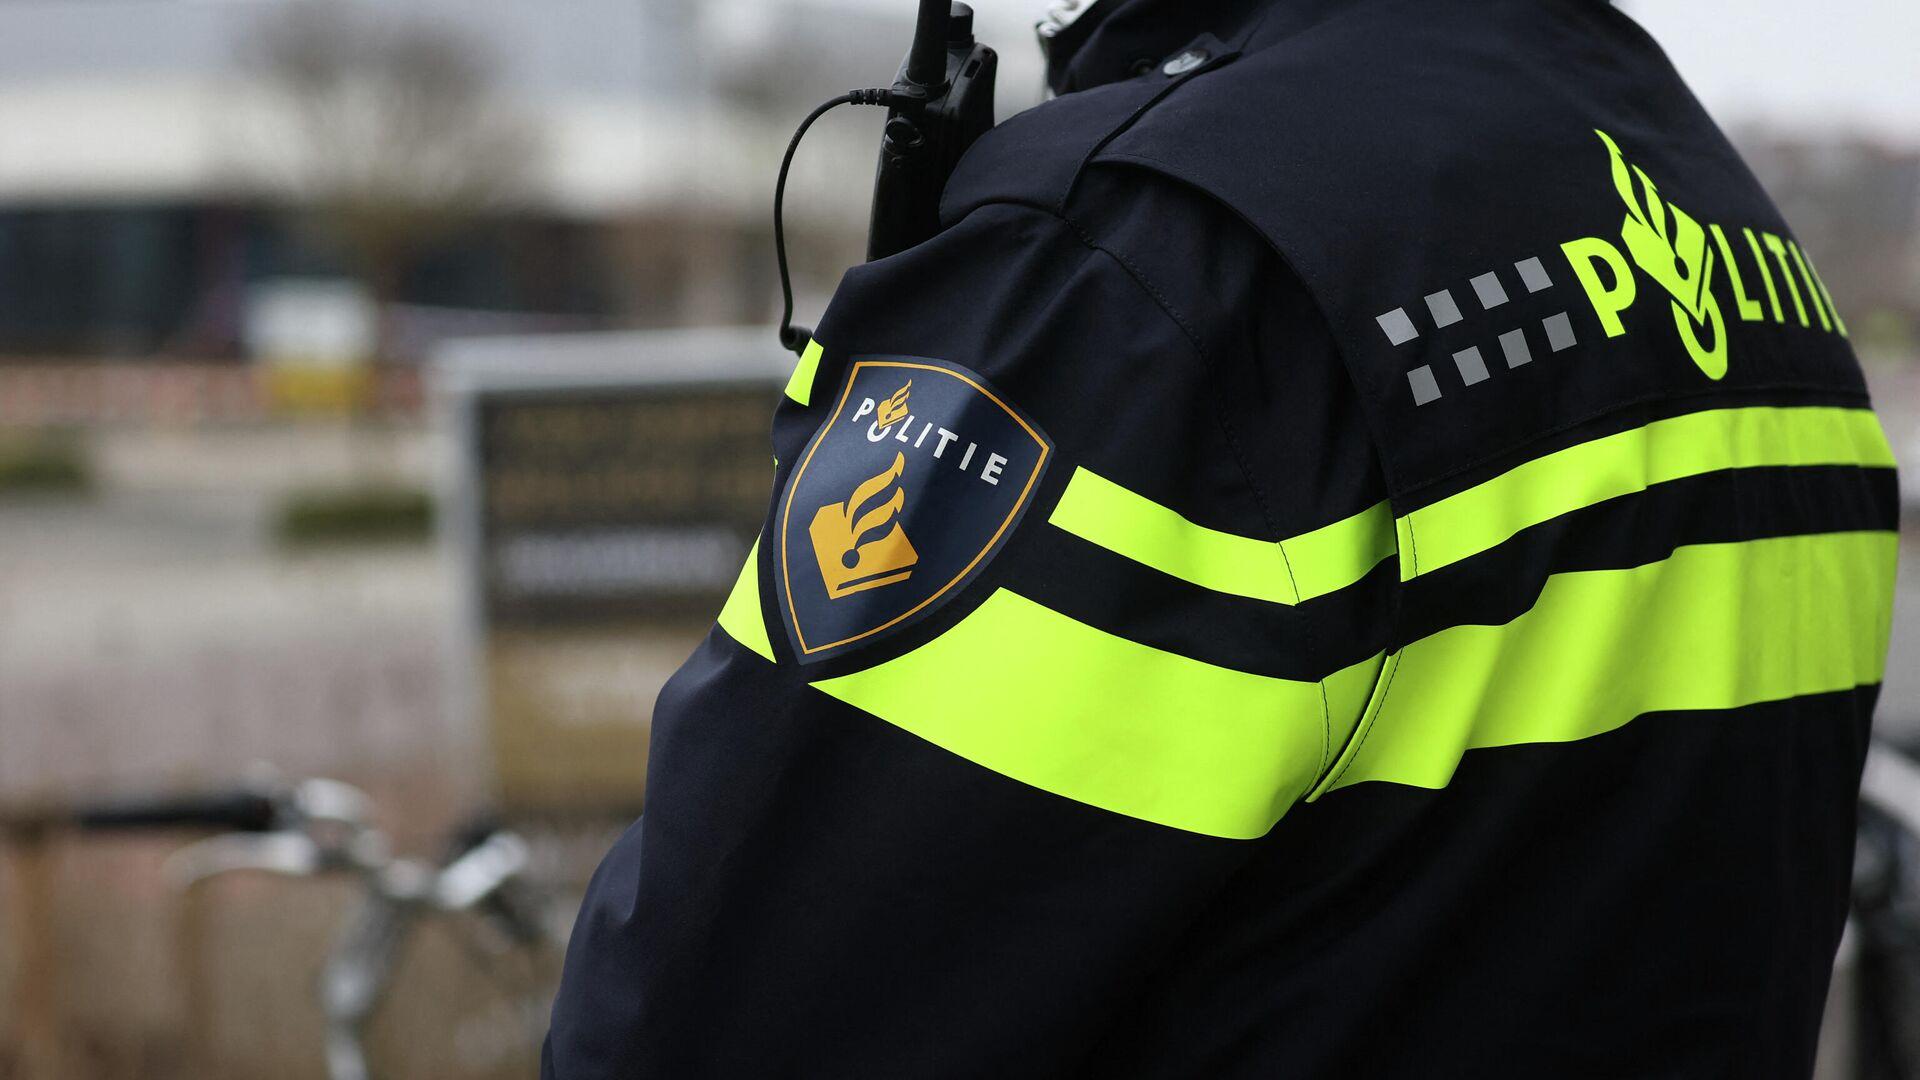 Un agente de la Policía de Países Bajos (imagen referencial) - Sputnik Mundo, 1920, 17.09.2021